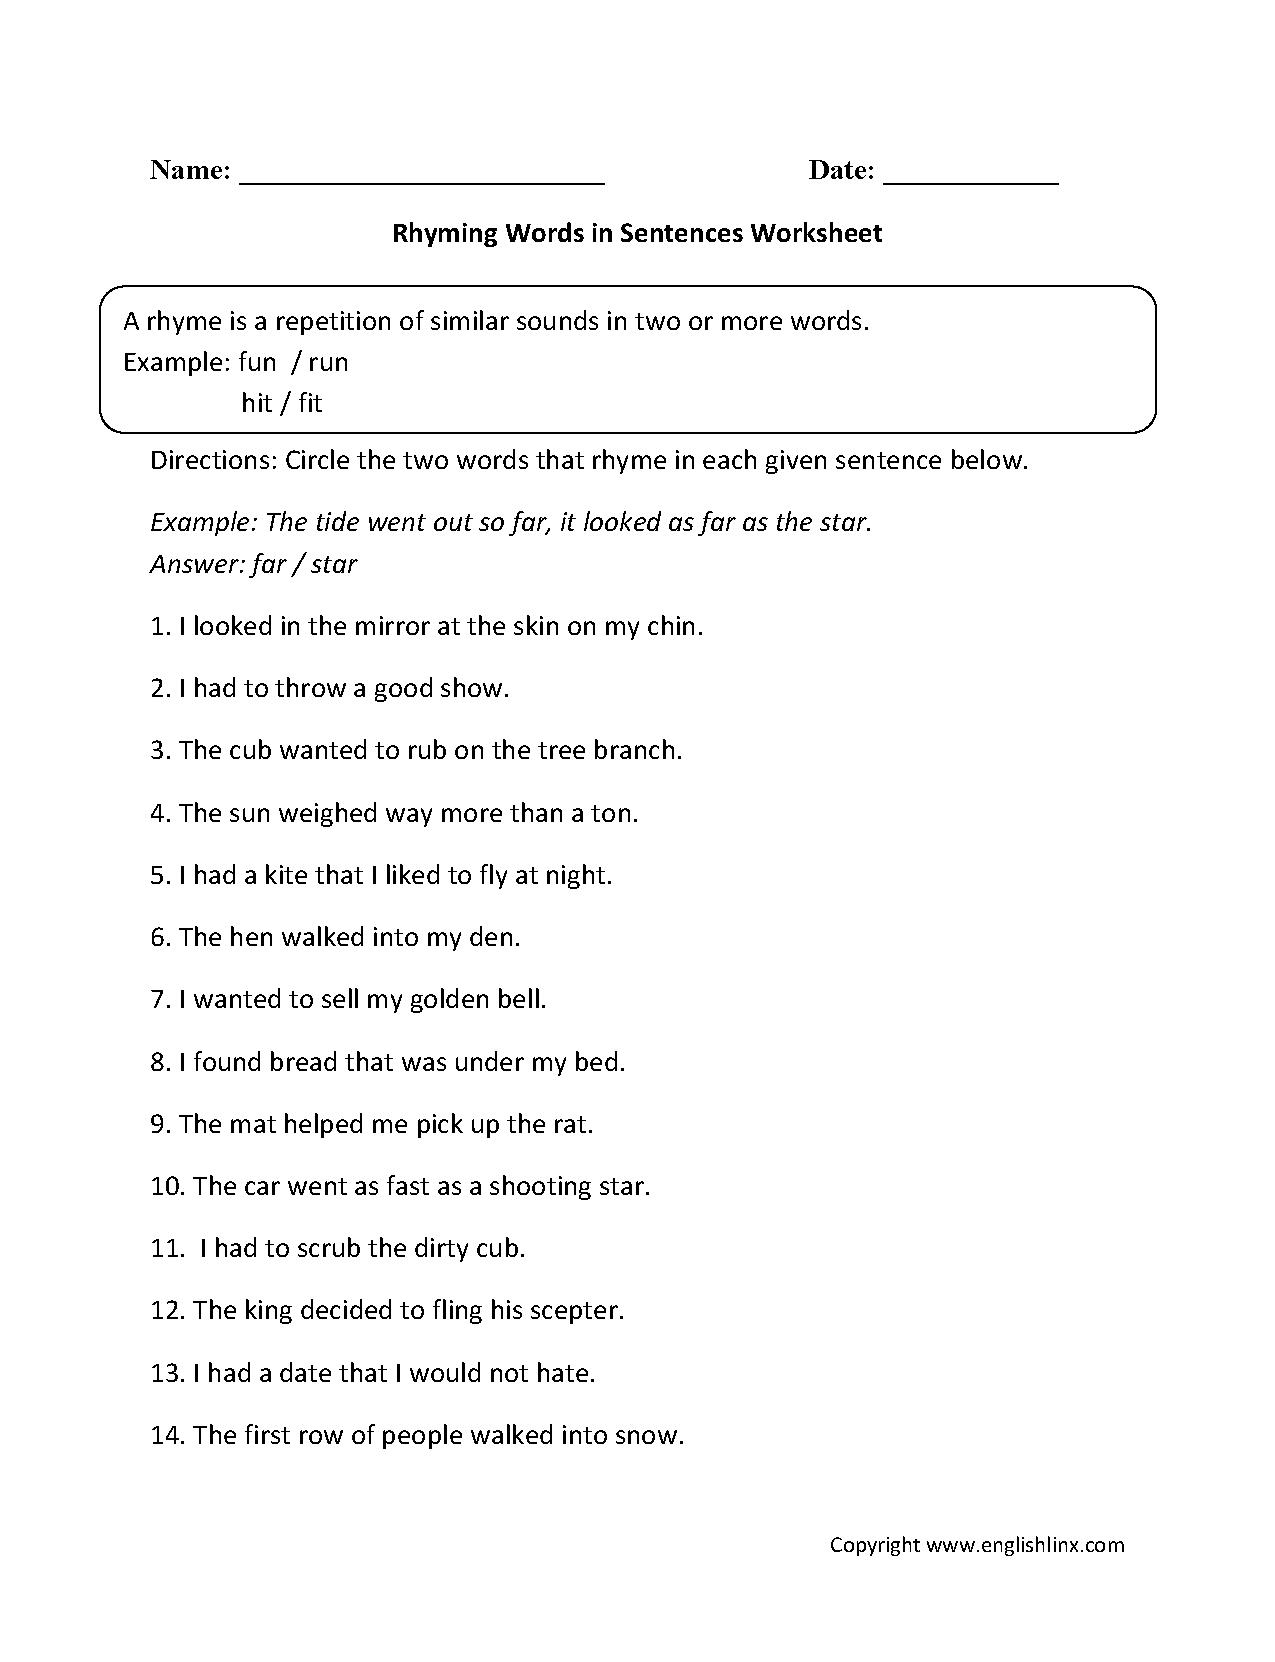 Rhyming Words In Sentences Worksheet